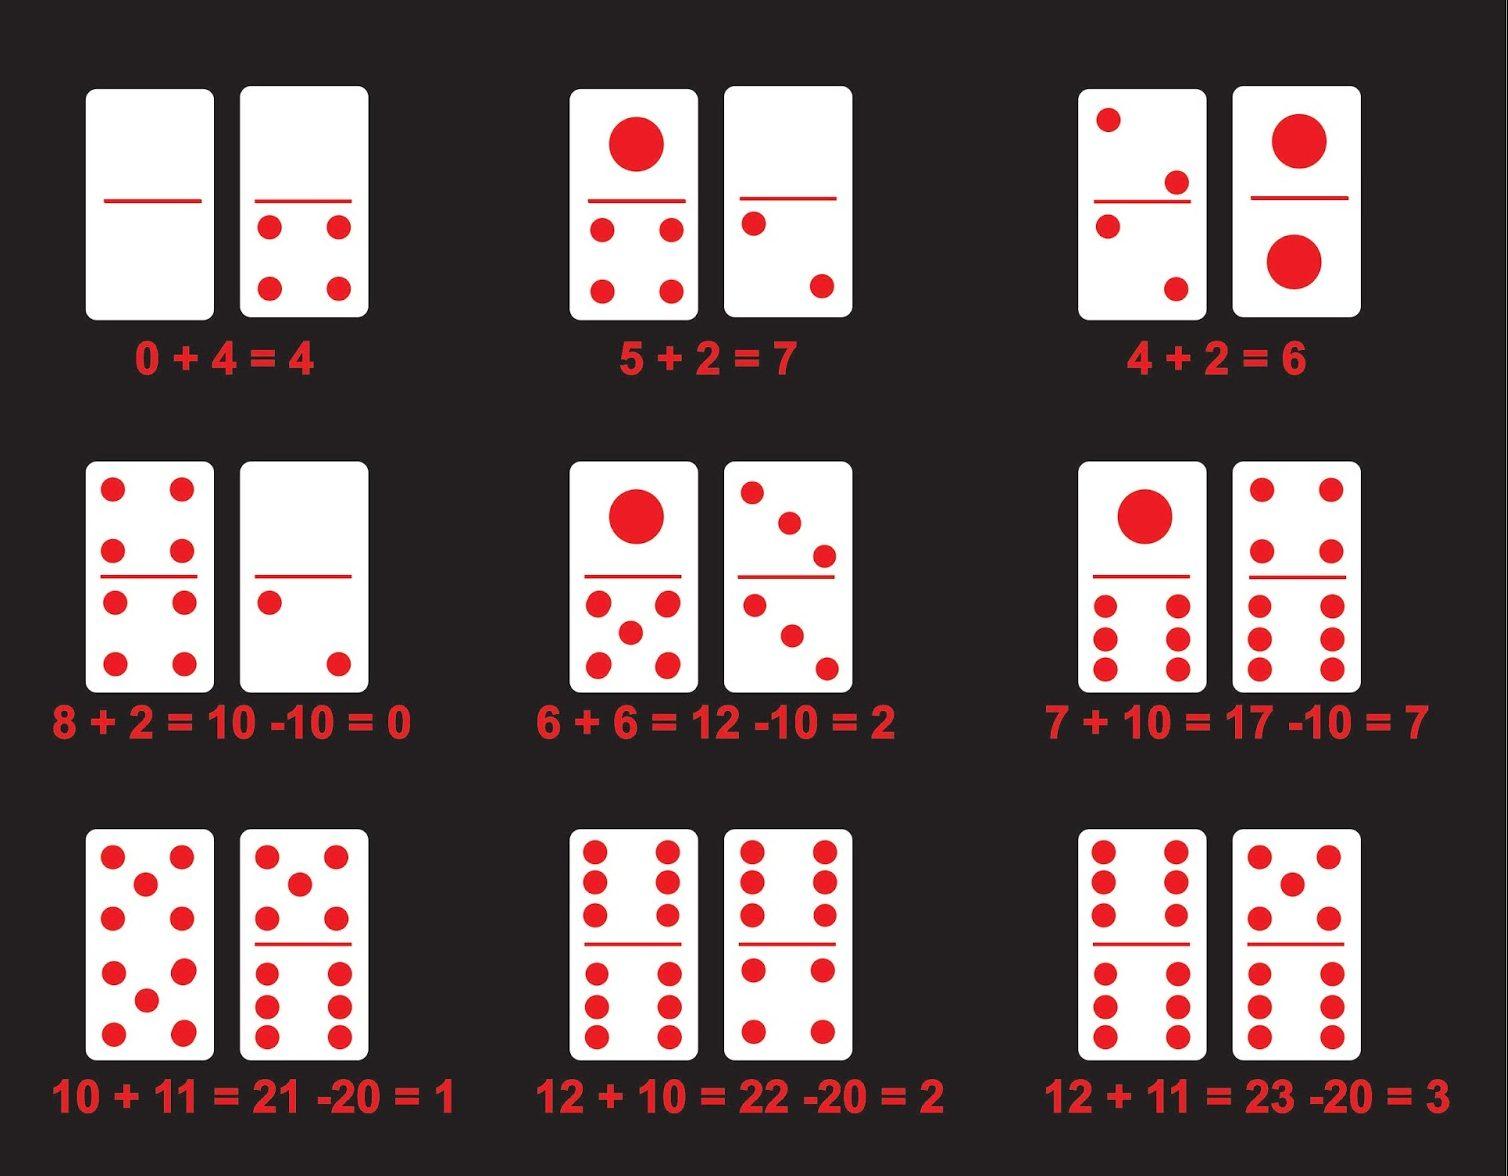 Cara Bermain Dan Perhitungan Domino QQ Terjitu - Game ...